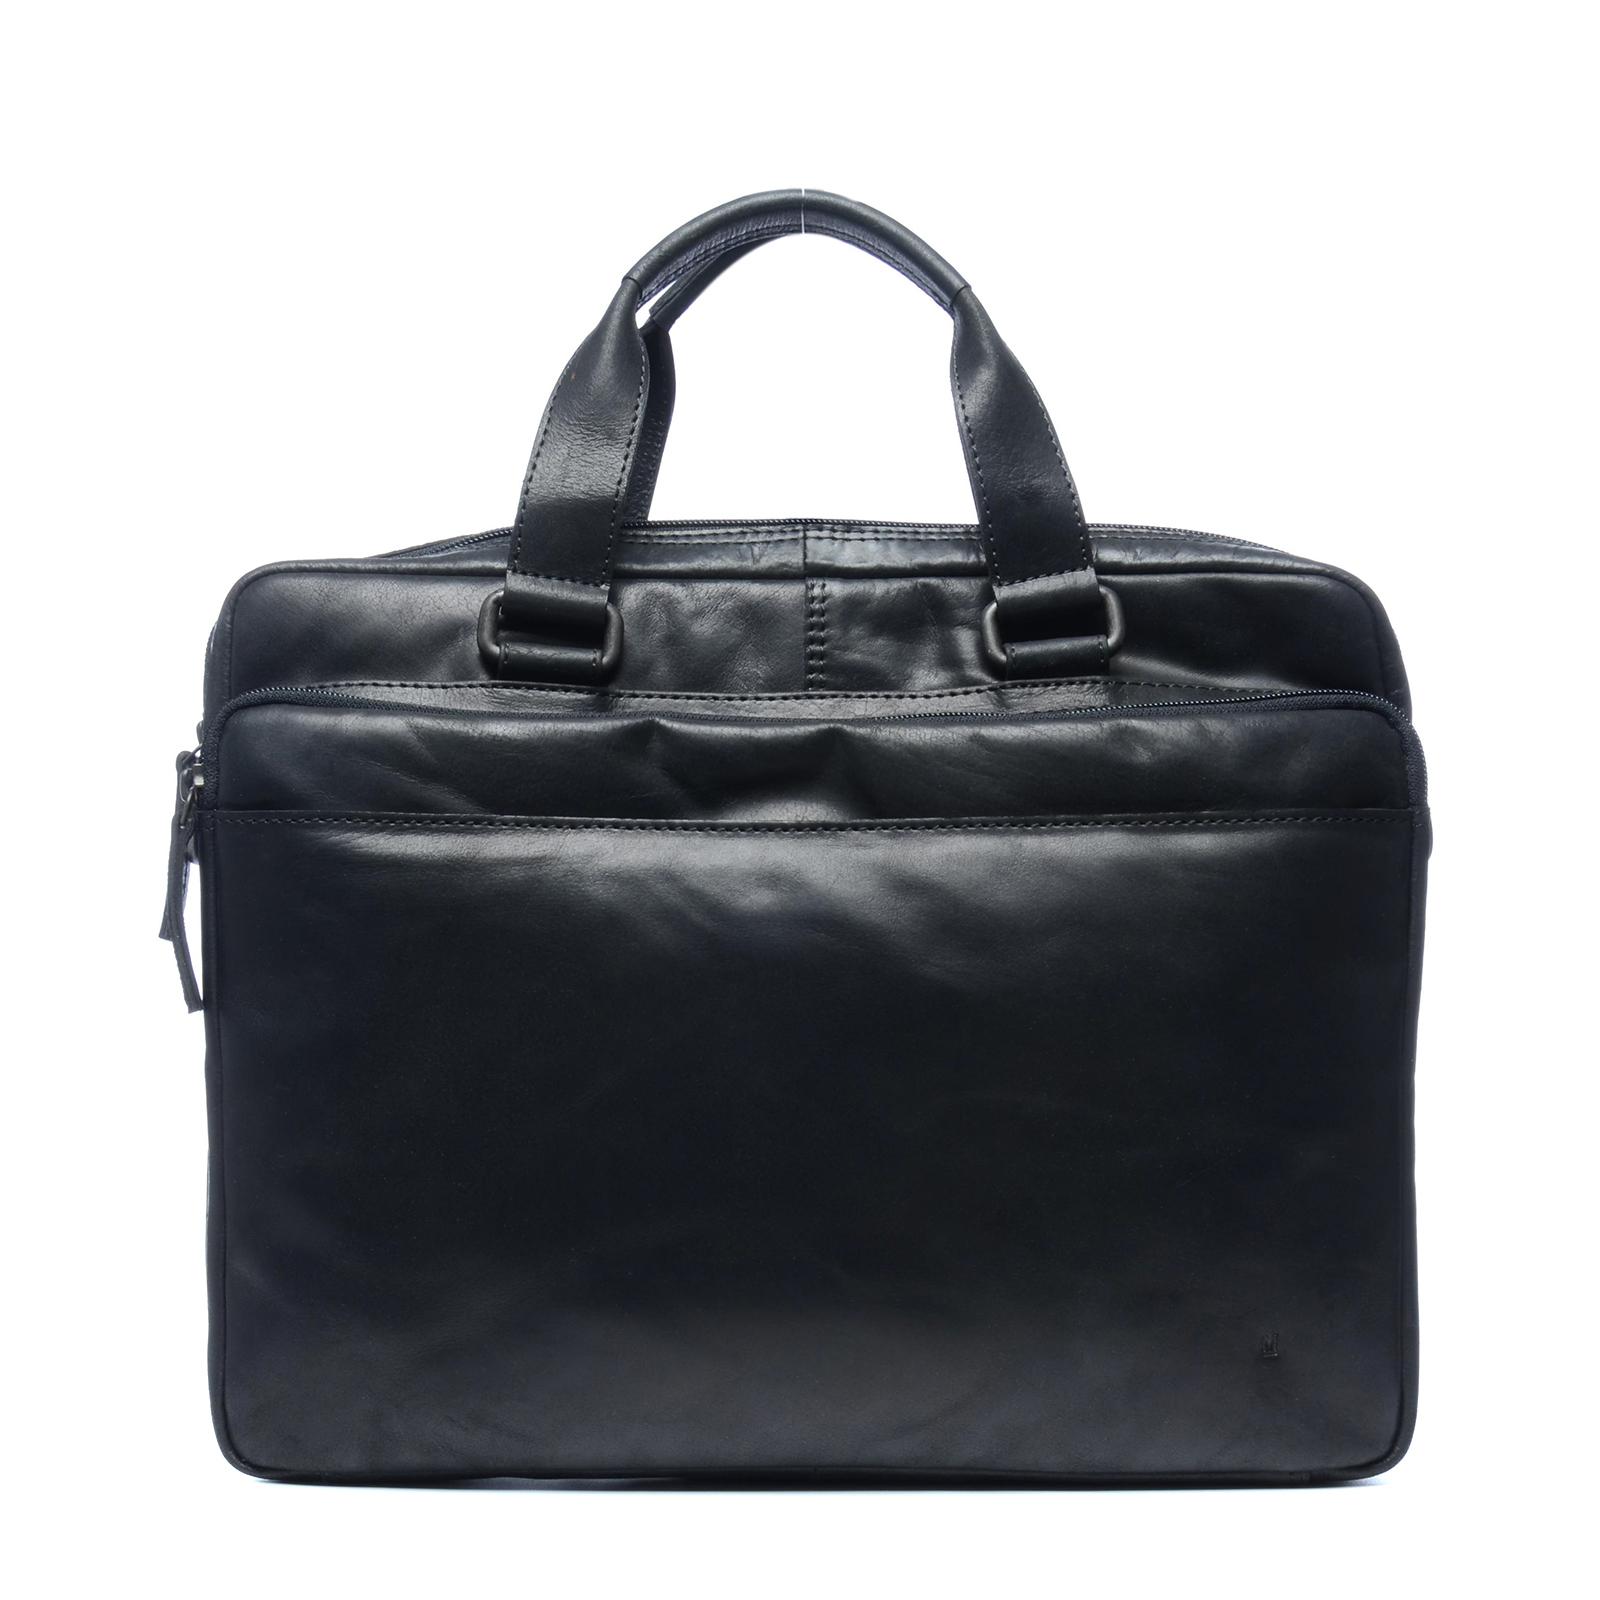 MANFIELD Heeft een aanbieding op veel tassen. Begint vanaf 20%